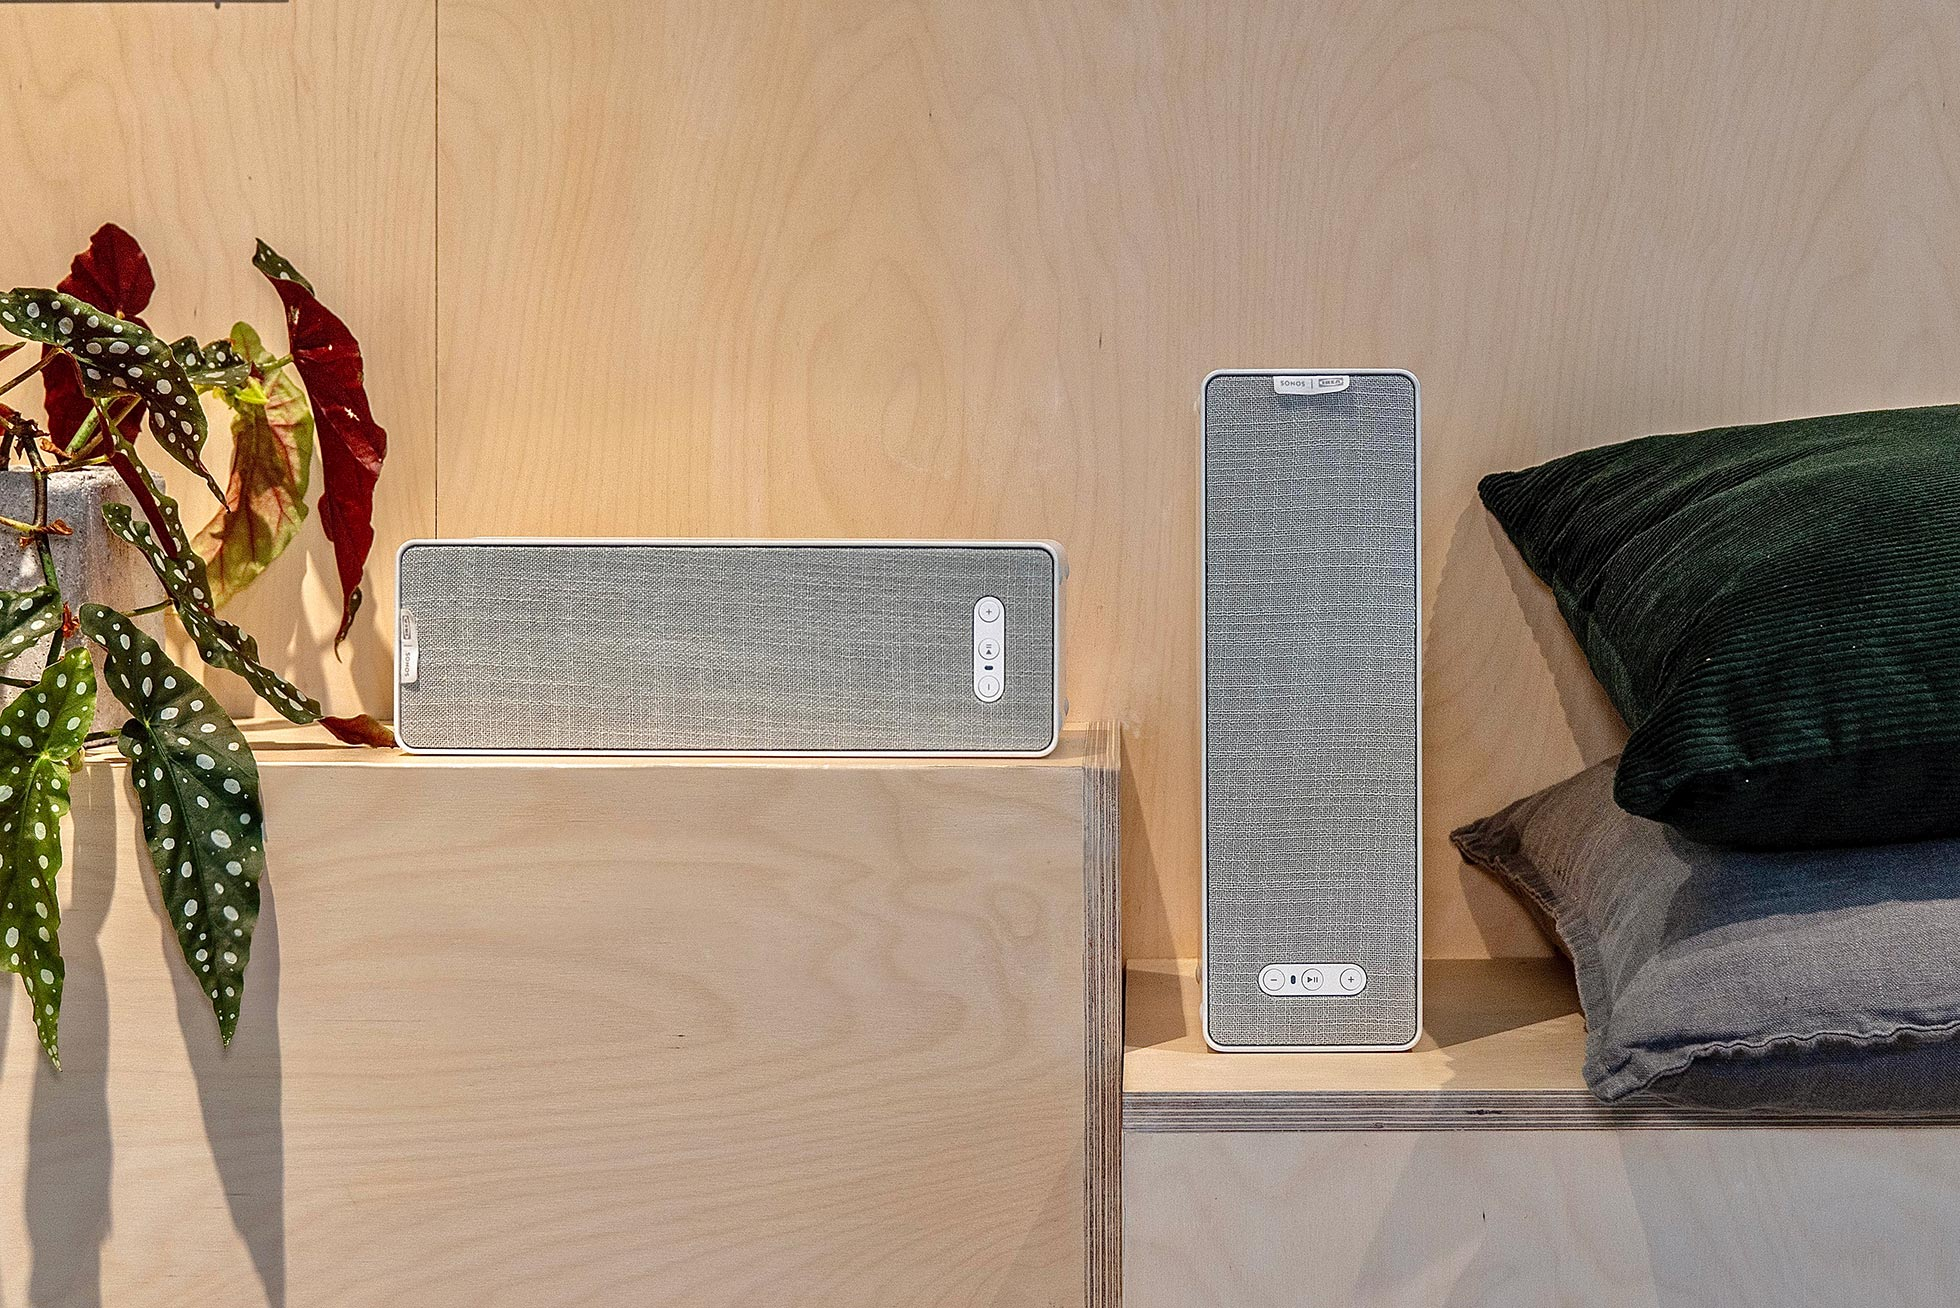 Vi har testat IKEA och Sonos Symfonisk högtalare! Intressant